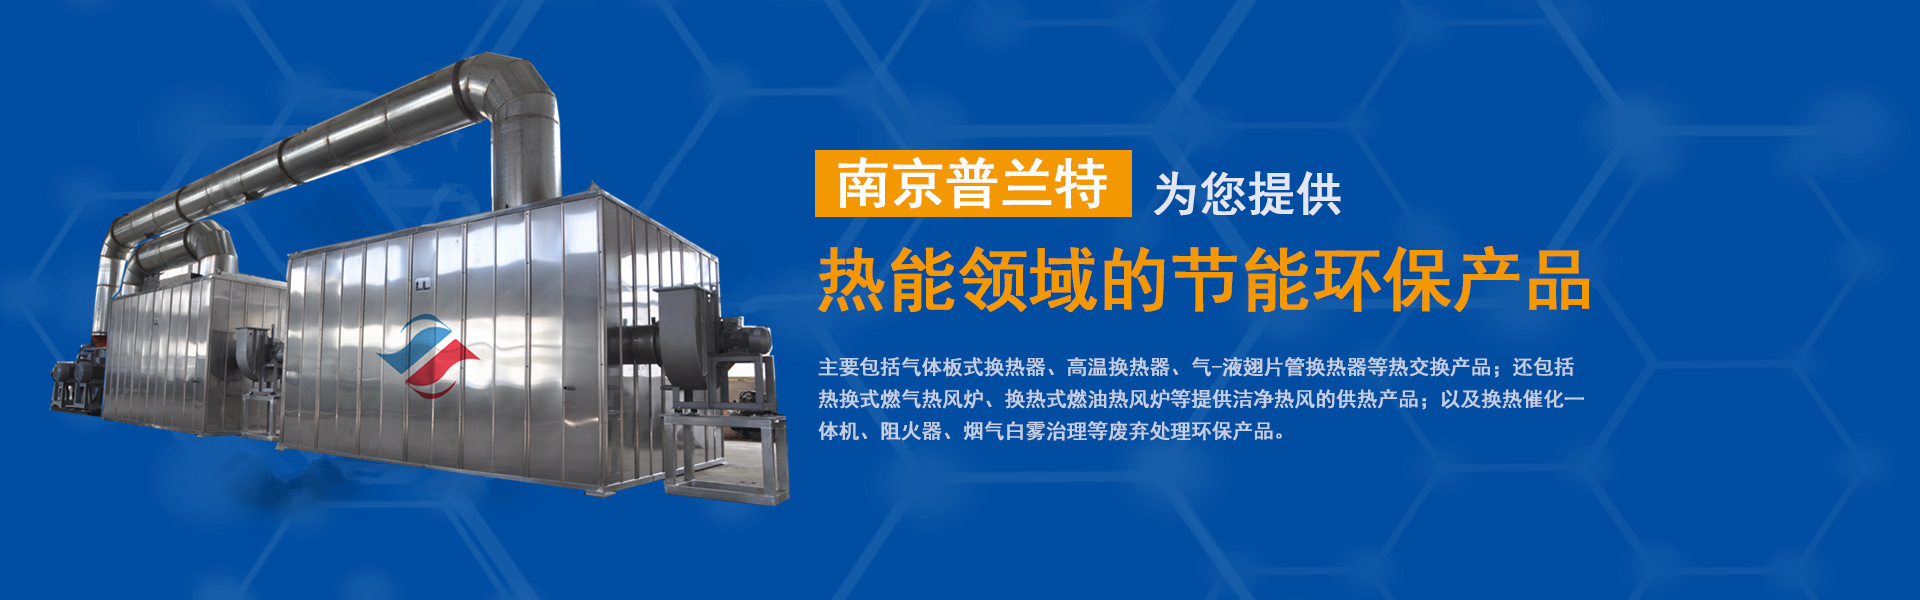 燃氣熱風爐廠家